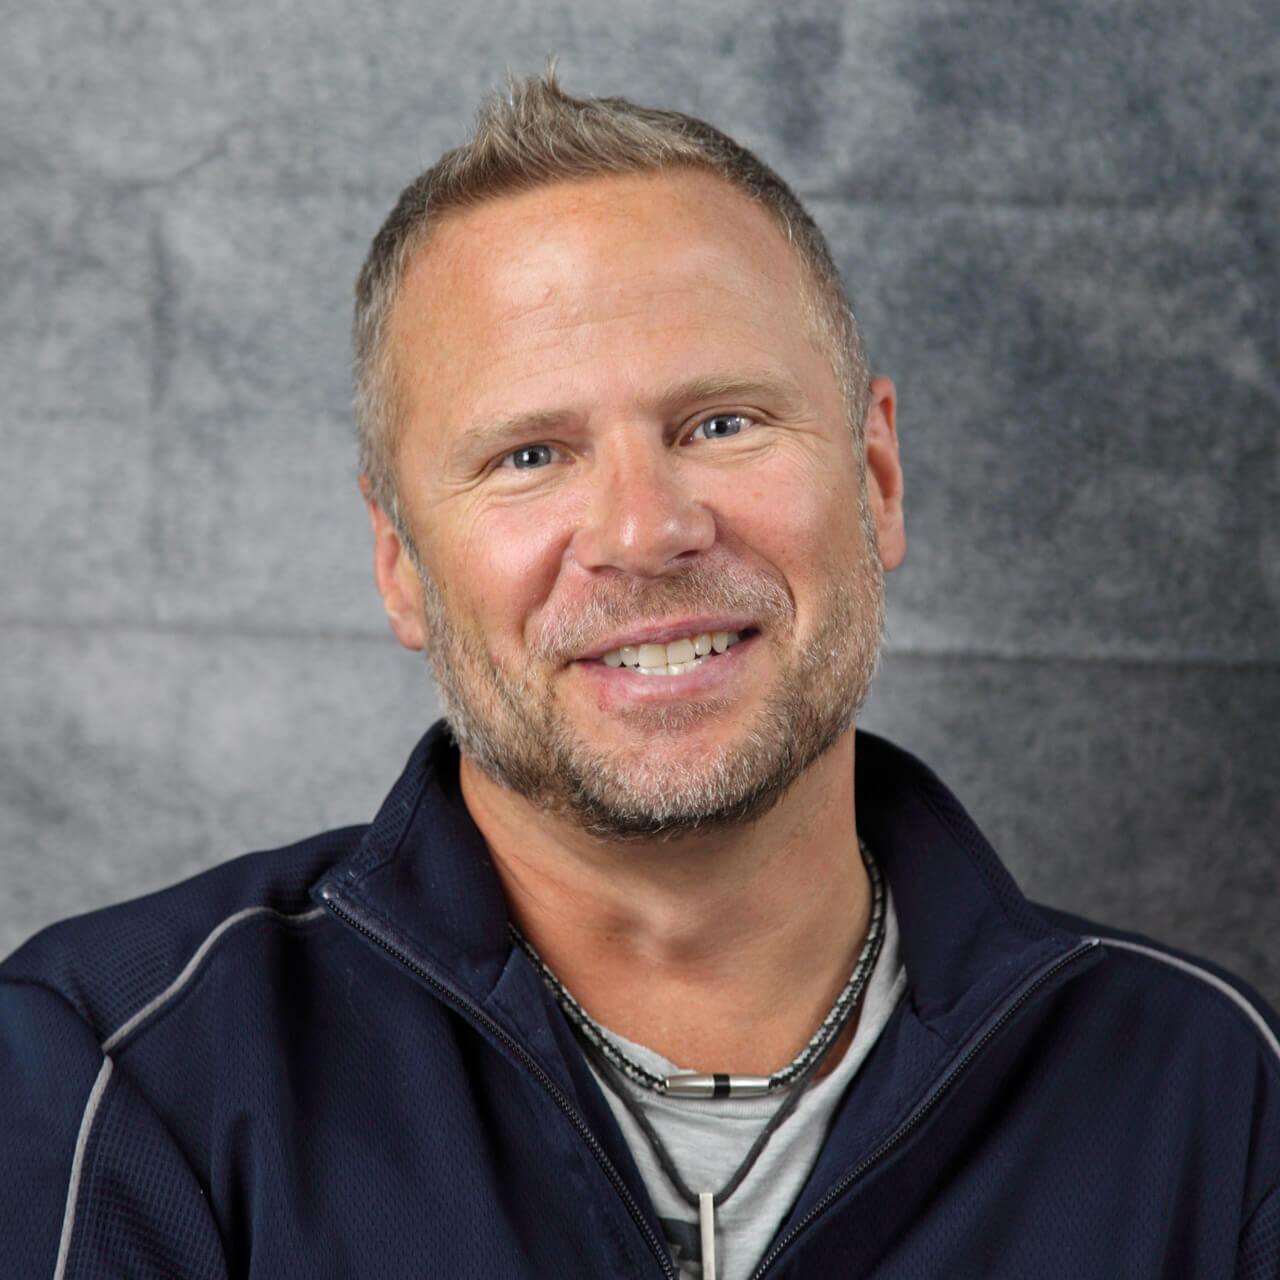 Craig Scharoff